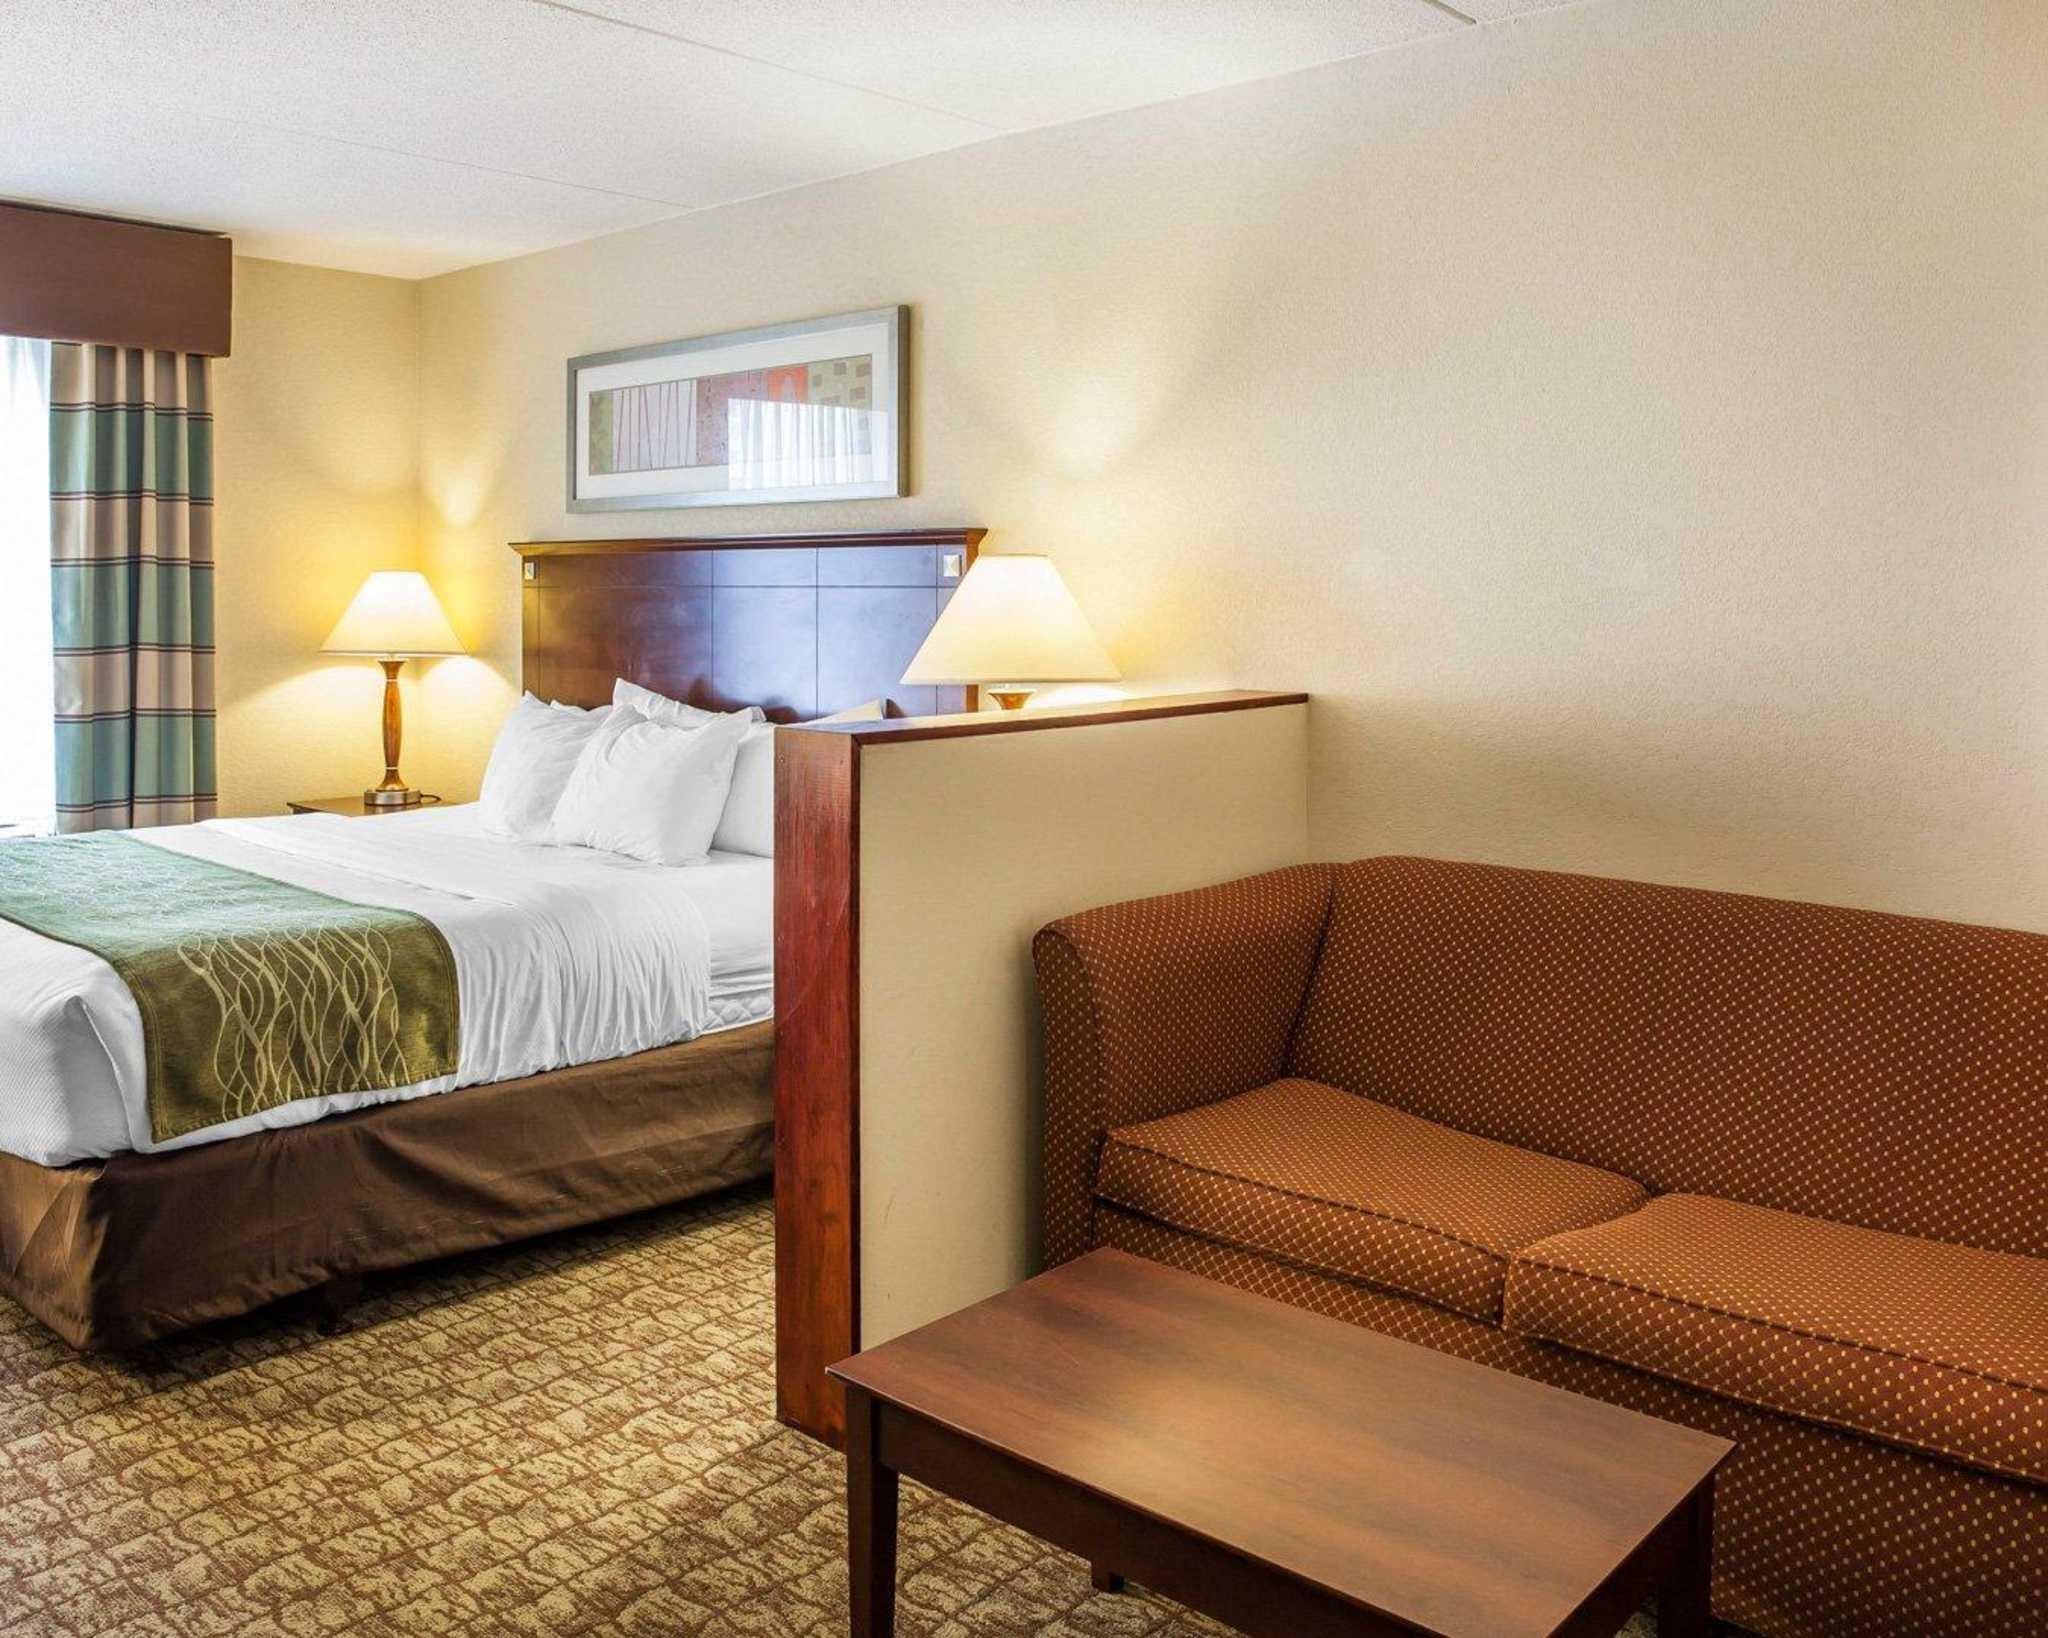 Comfort Inn & Suites Pottstown - Limerick image 14